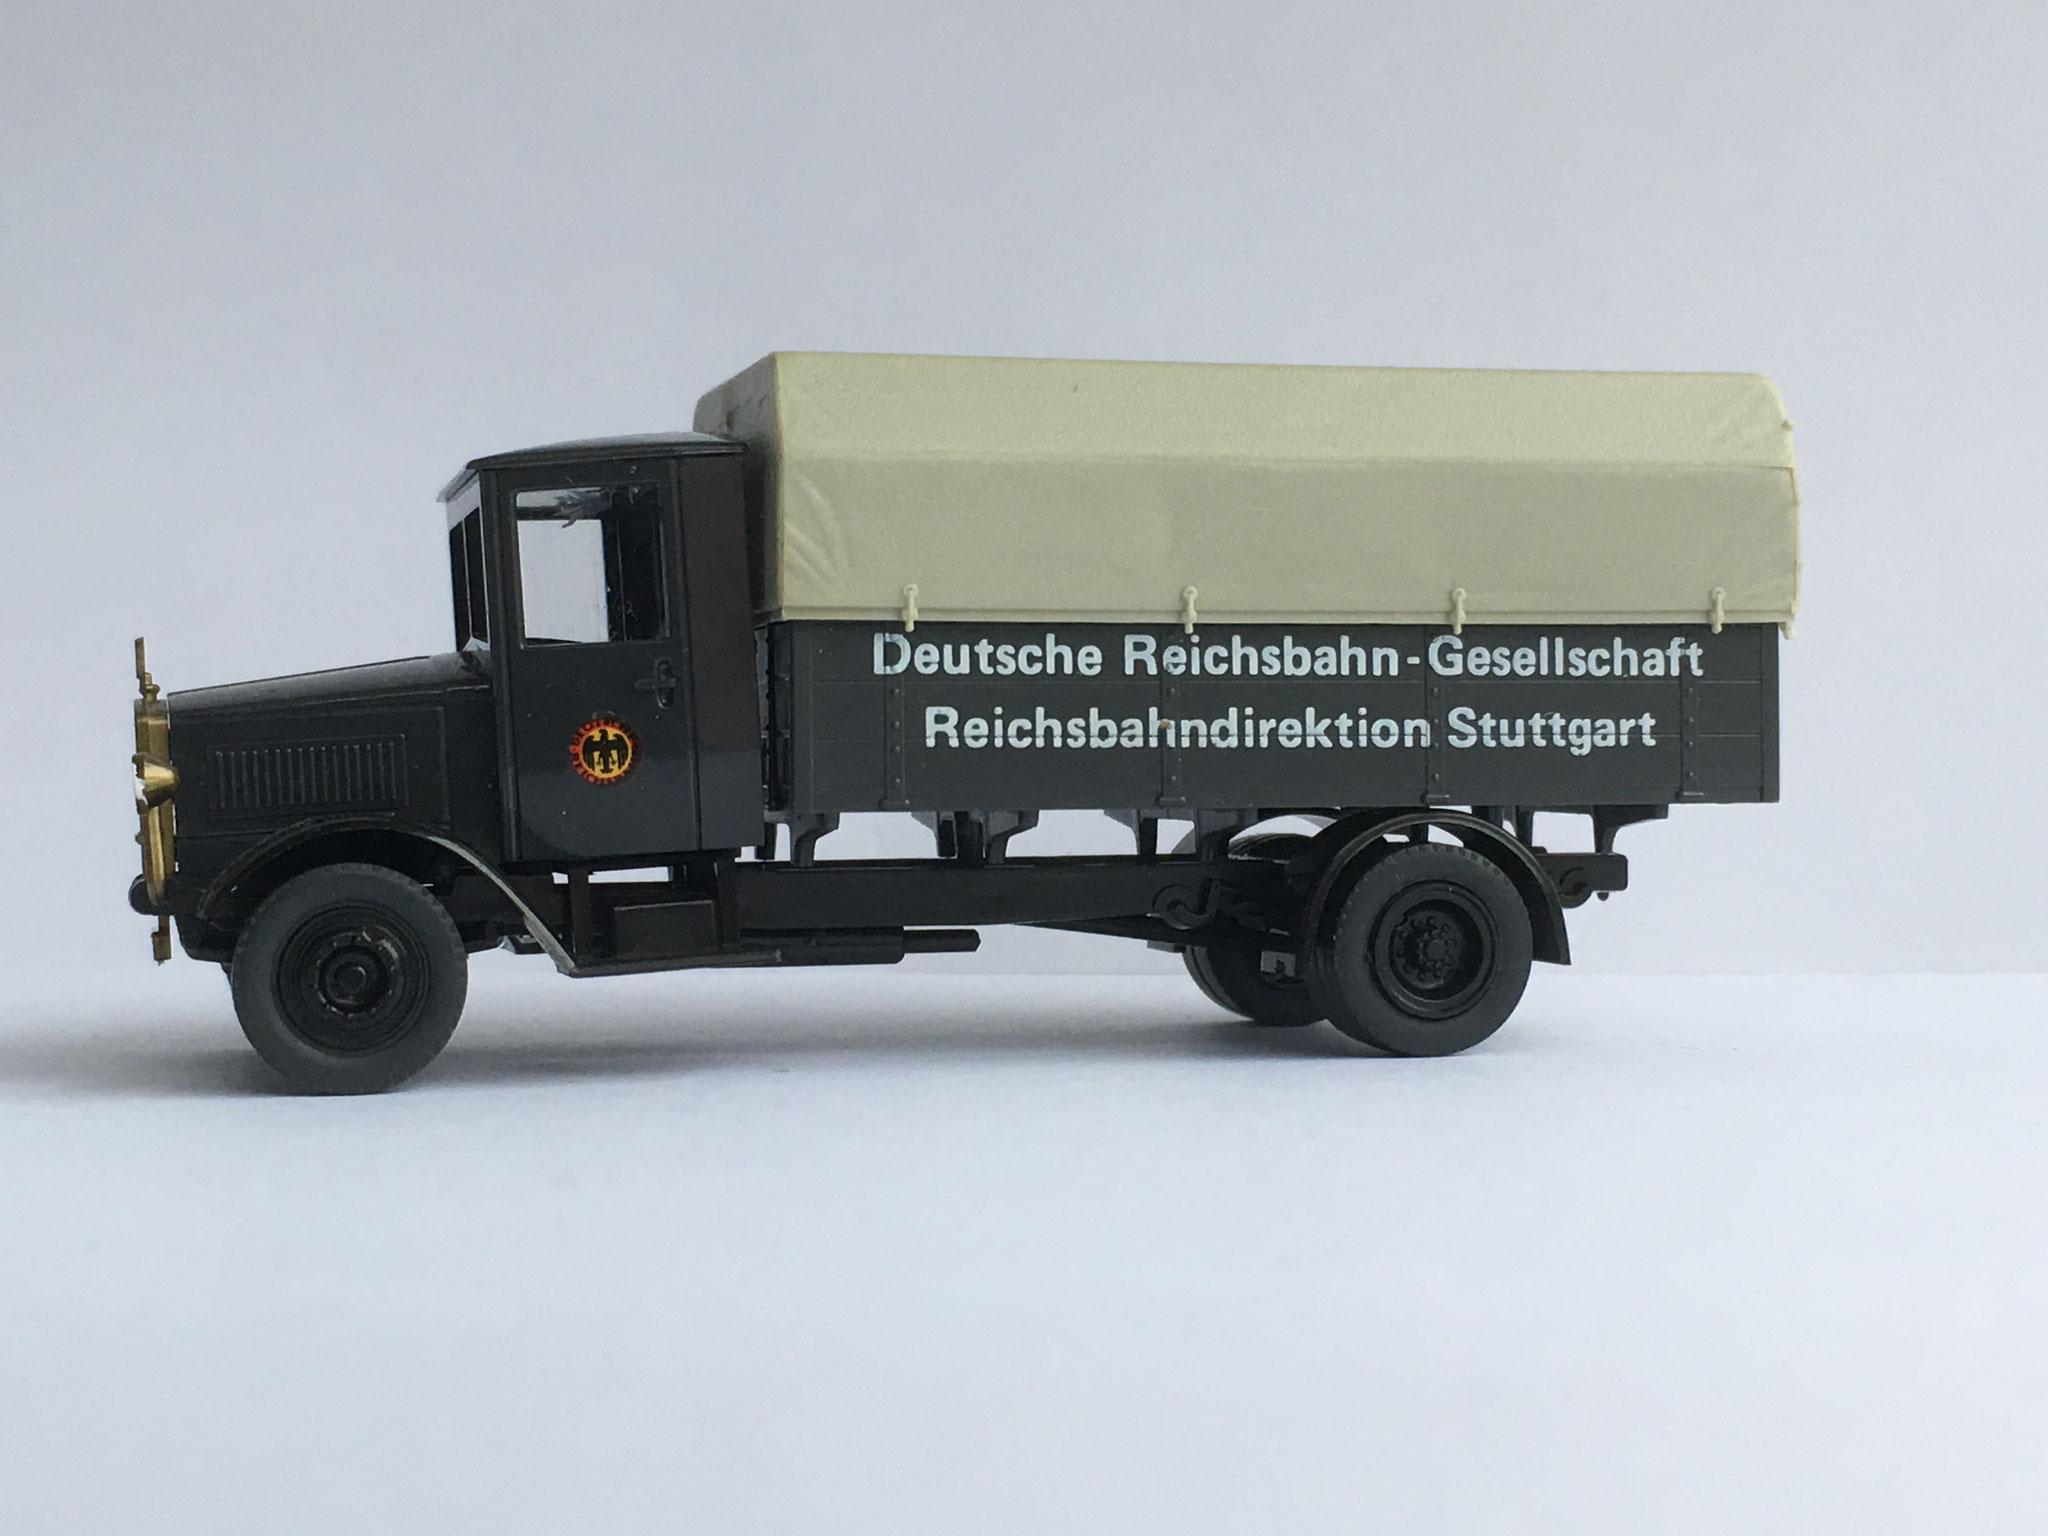 Mercedes L5 Deutsche Reichsbahn-Gesellschaft, Stuttgart, Art. Nr. 1011 (ab 1989 im Programm)